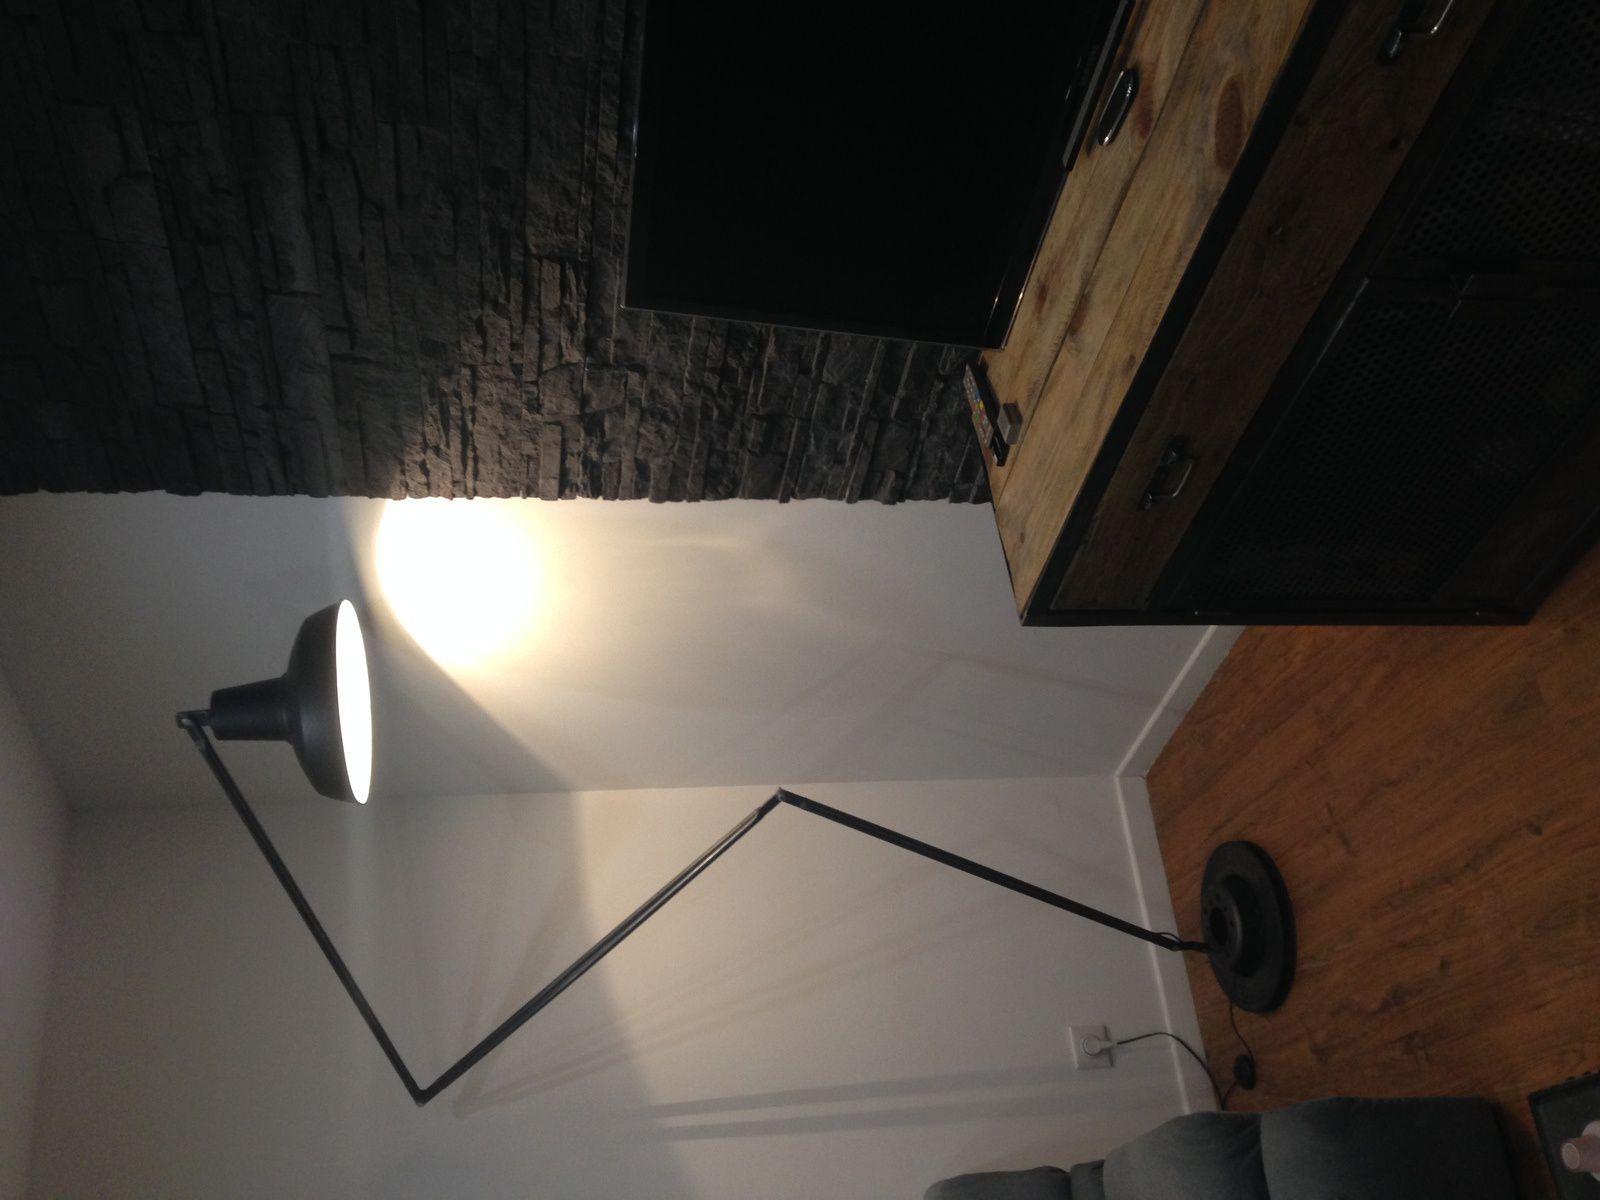 Création d'une lampe de style industriel